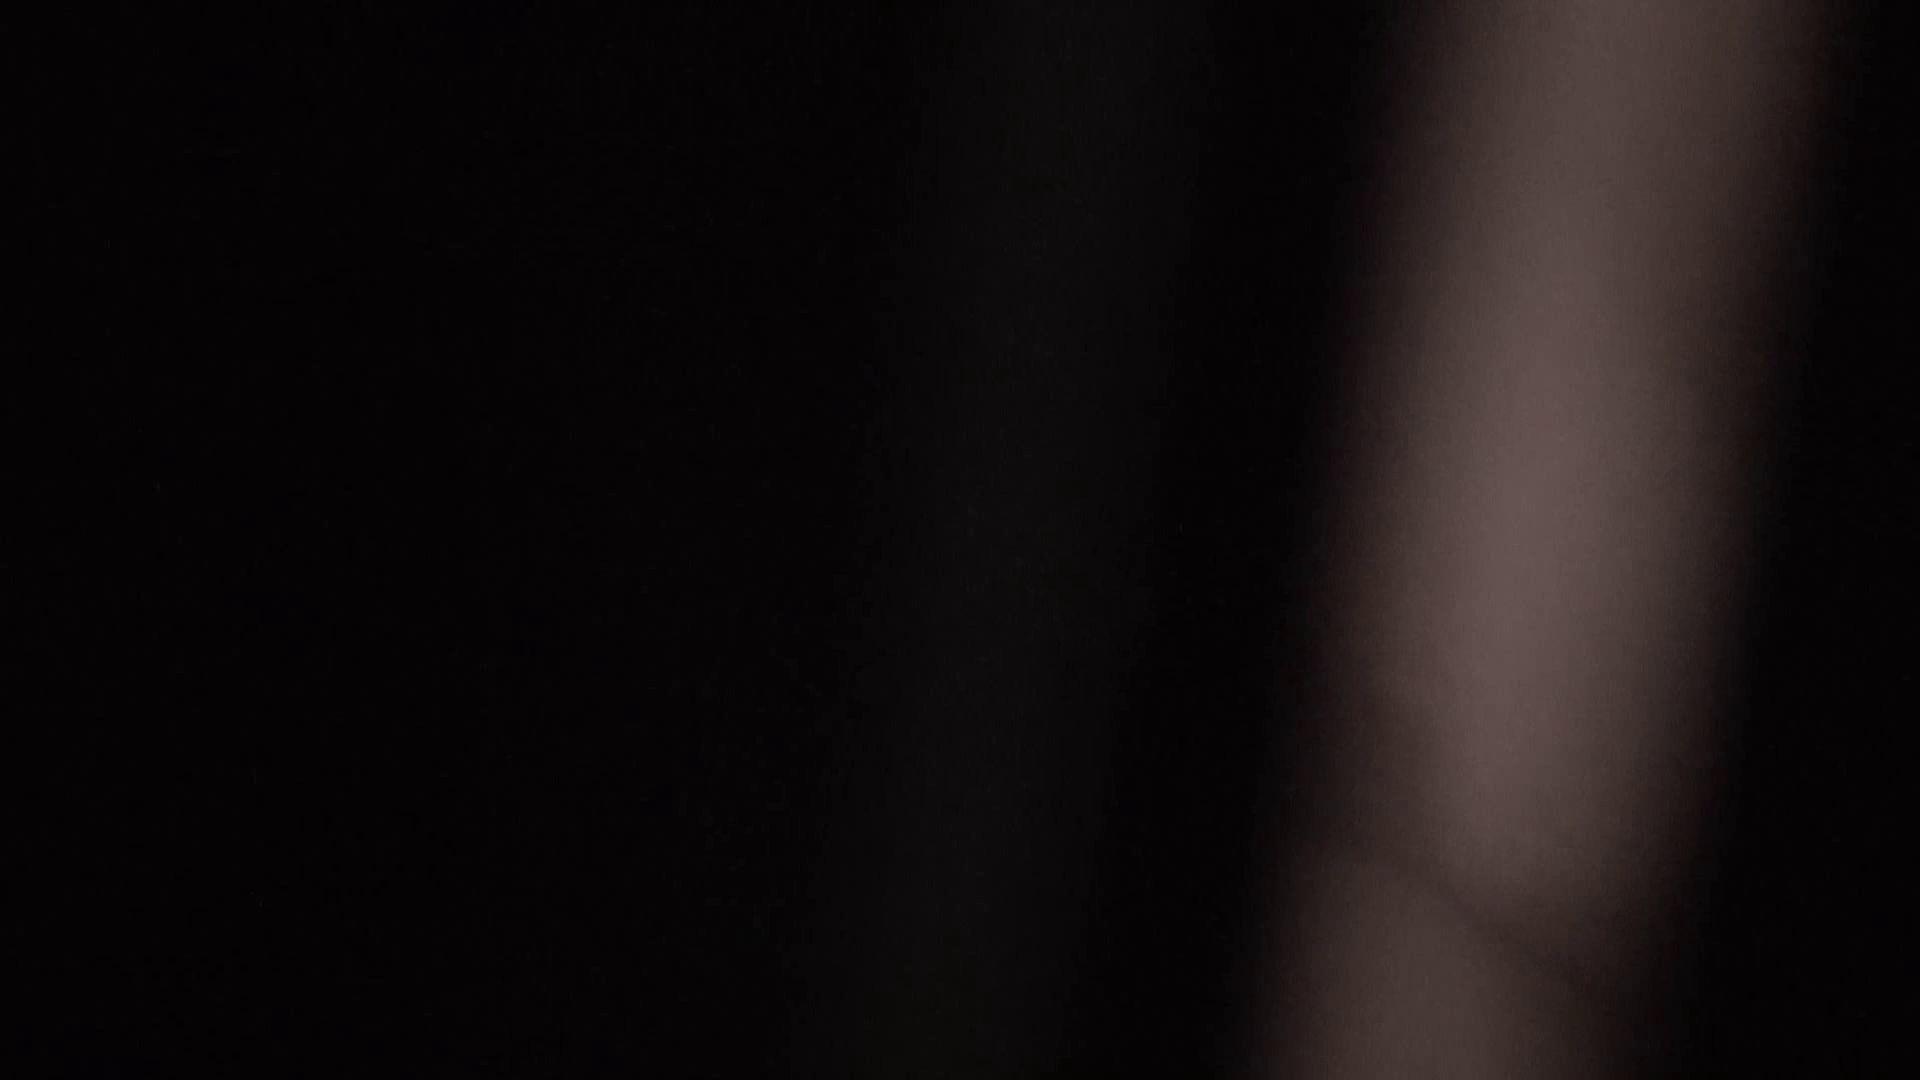 民家の騎士さんの最後の性戦ハイビジョン!!No.53 民家 | おっぱい  98画像 31